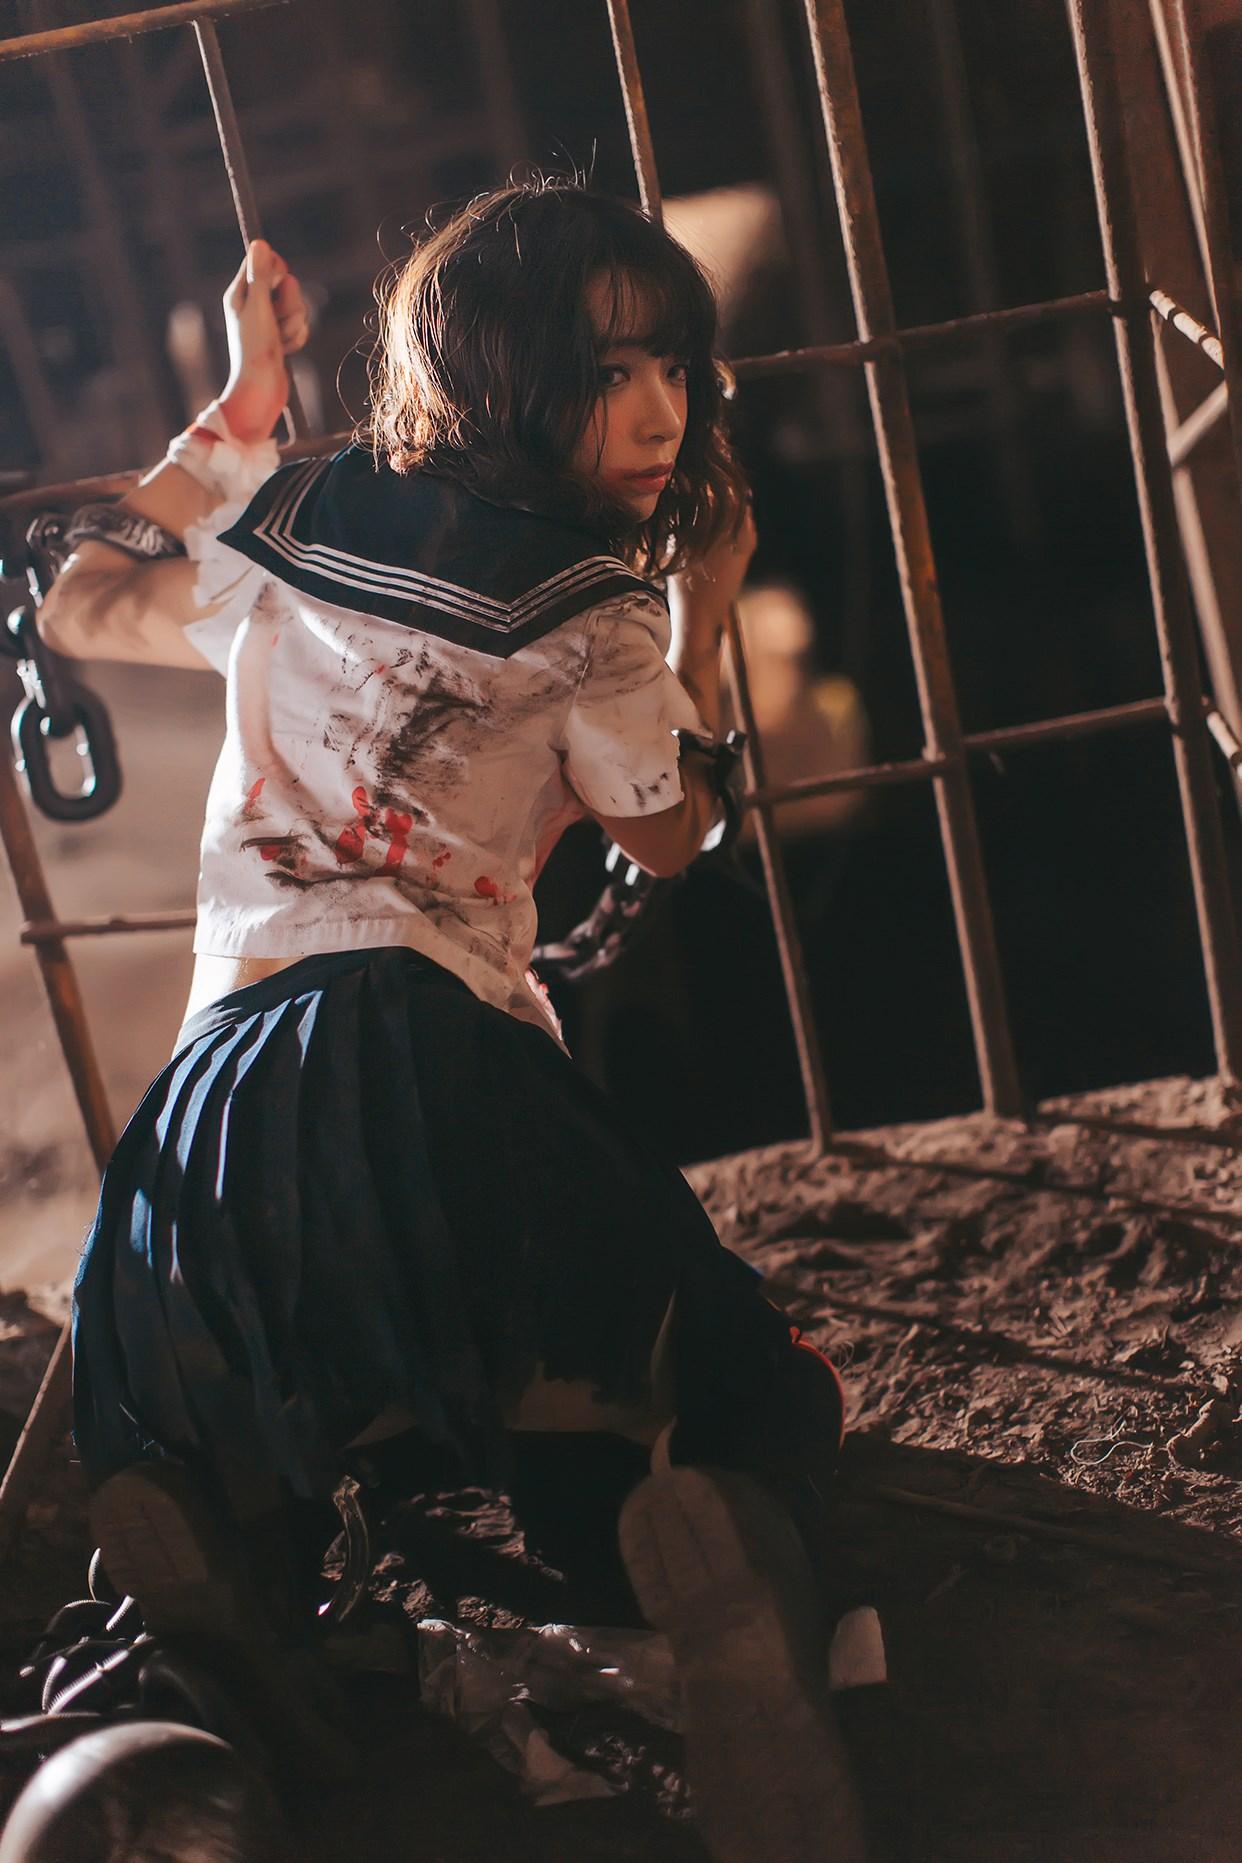 【兔玩映画】被囚禁的少女 兔玩映画 第35张